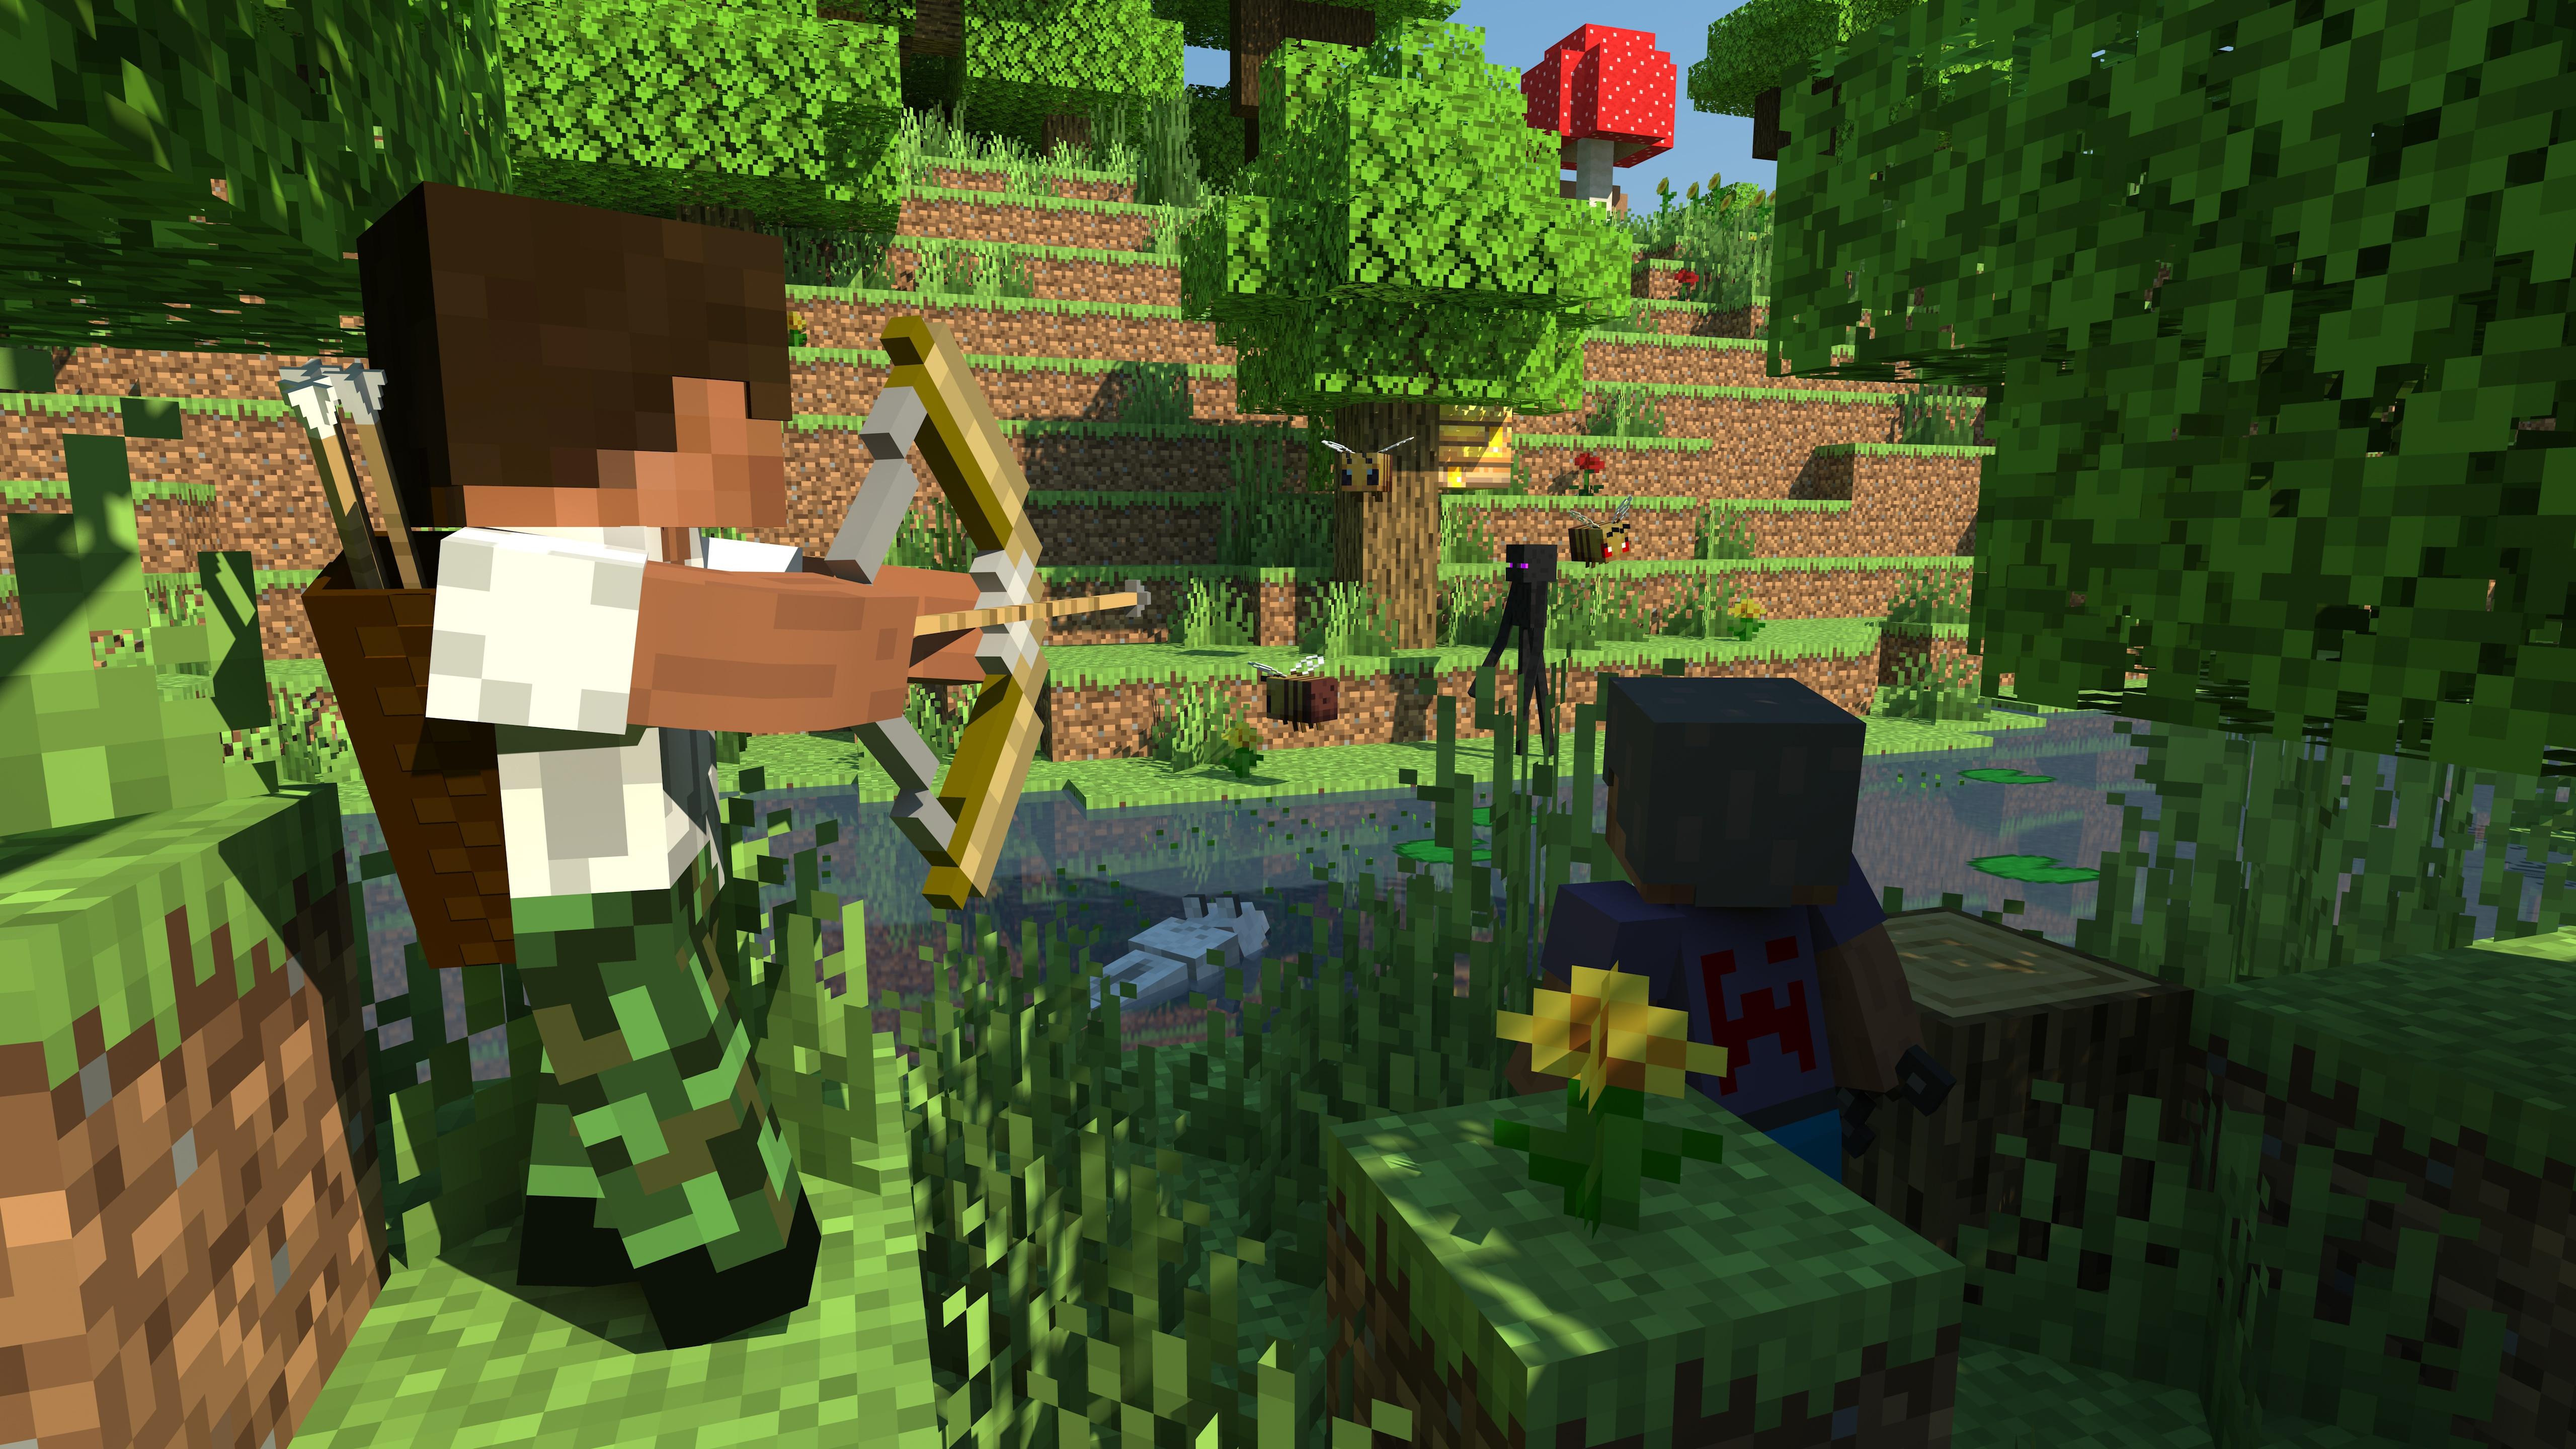 Video Game Minecraft 5120x2880